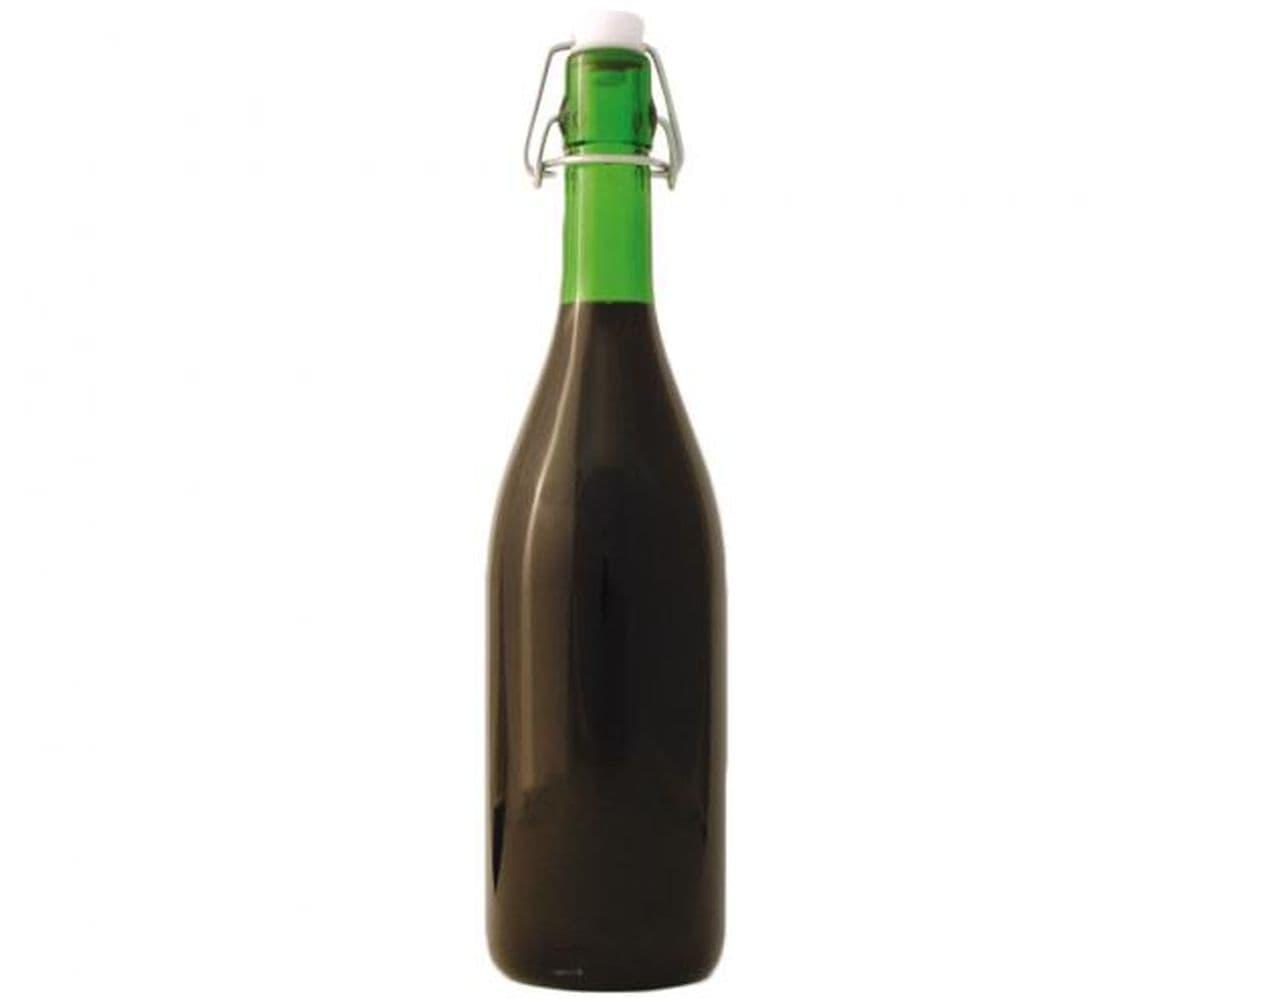 シャトレーゼ「樽出し生ワイン(赤)」